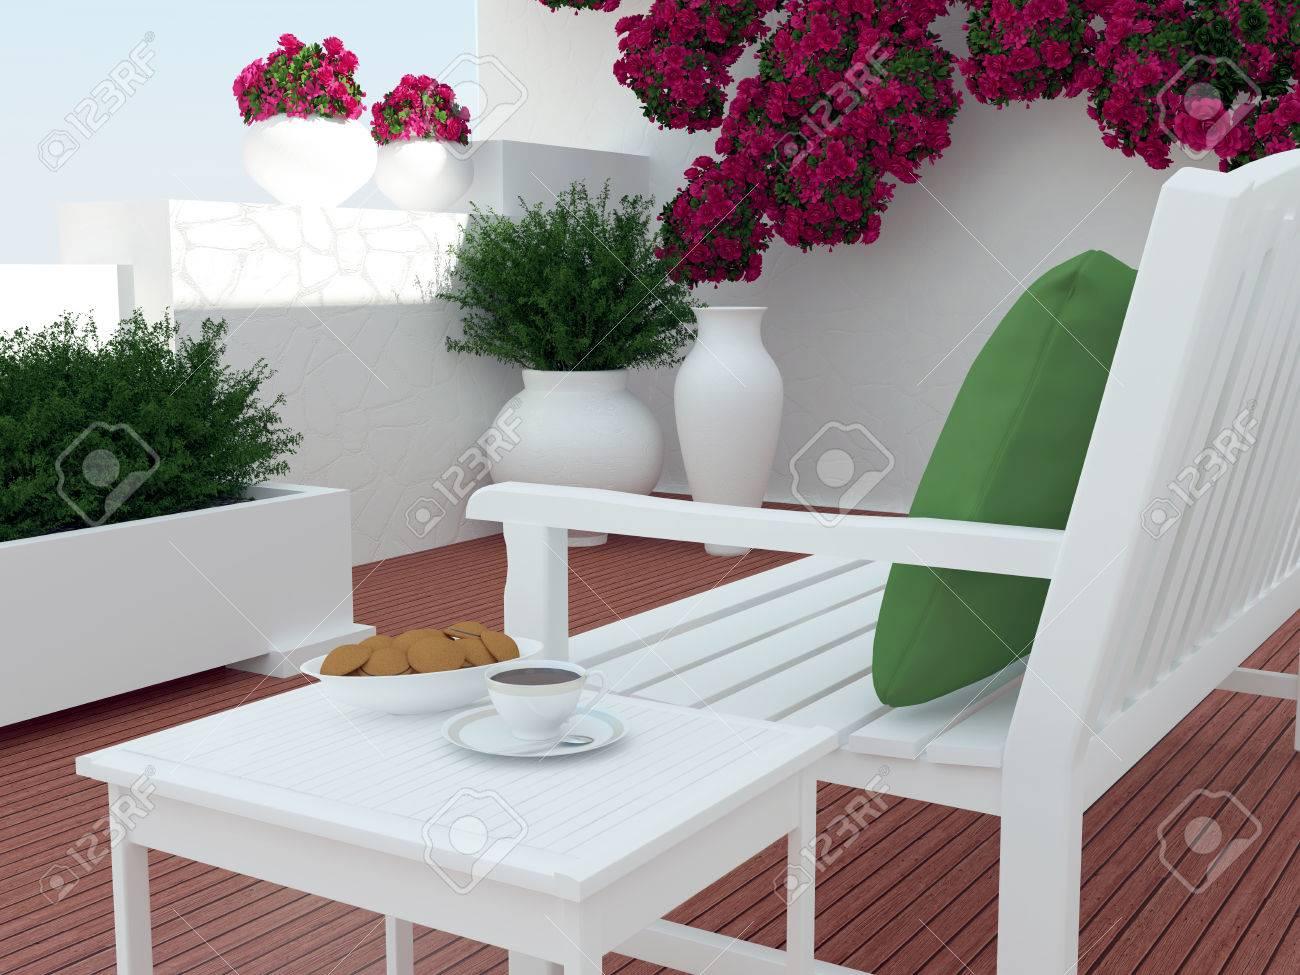 patio exterieur coin salon avec des meubles en bois blanc